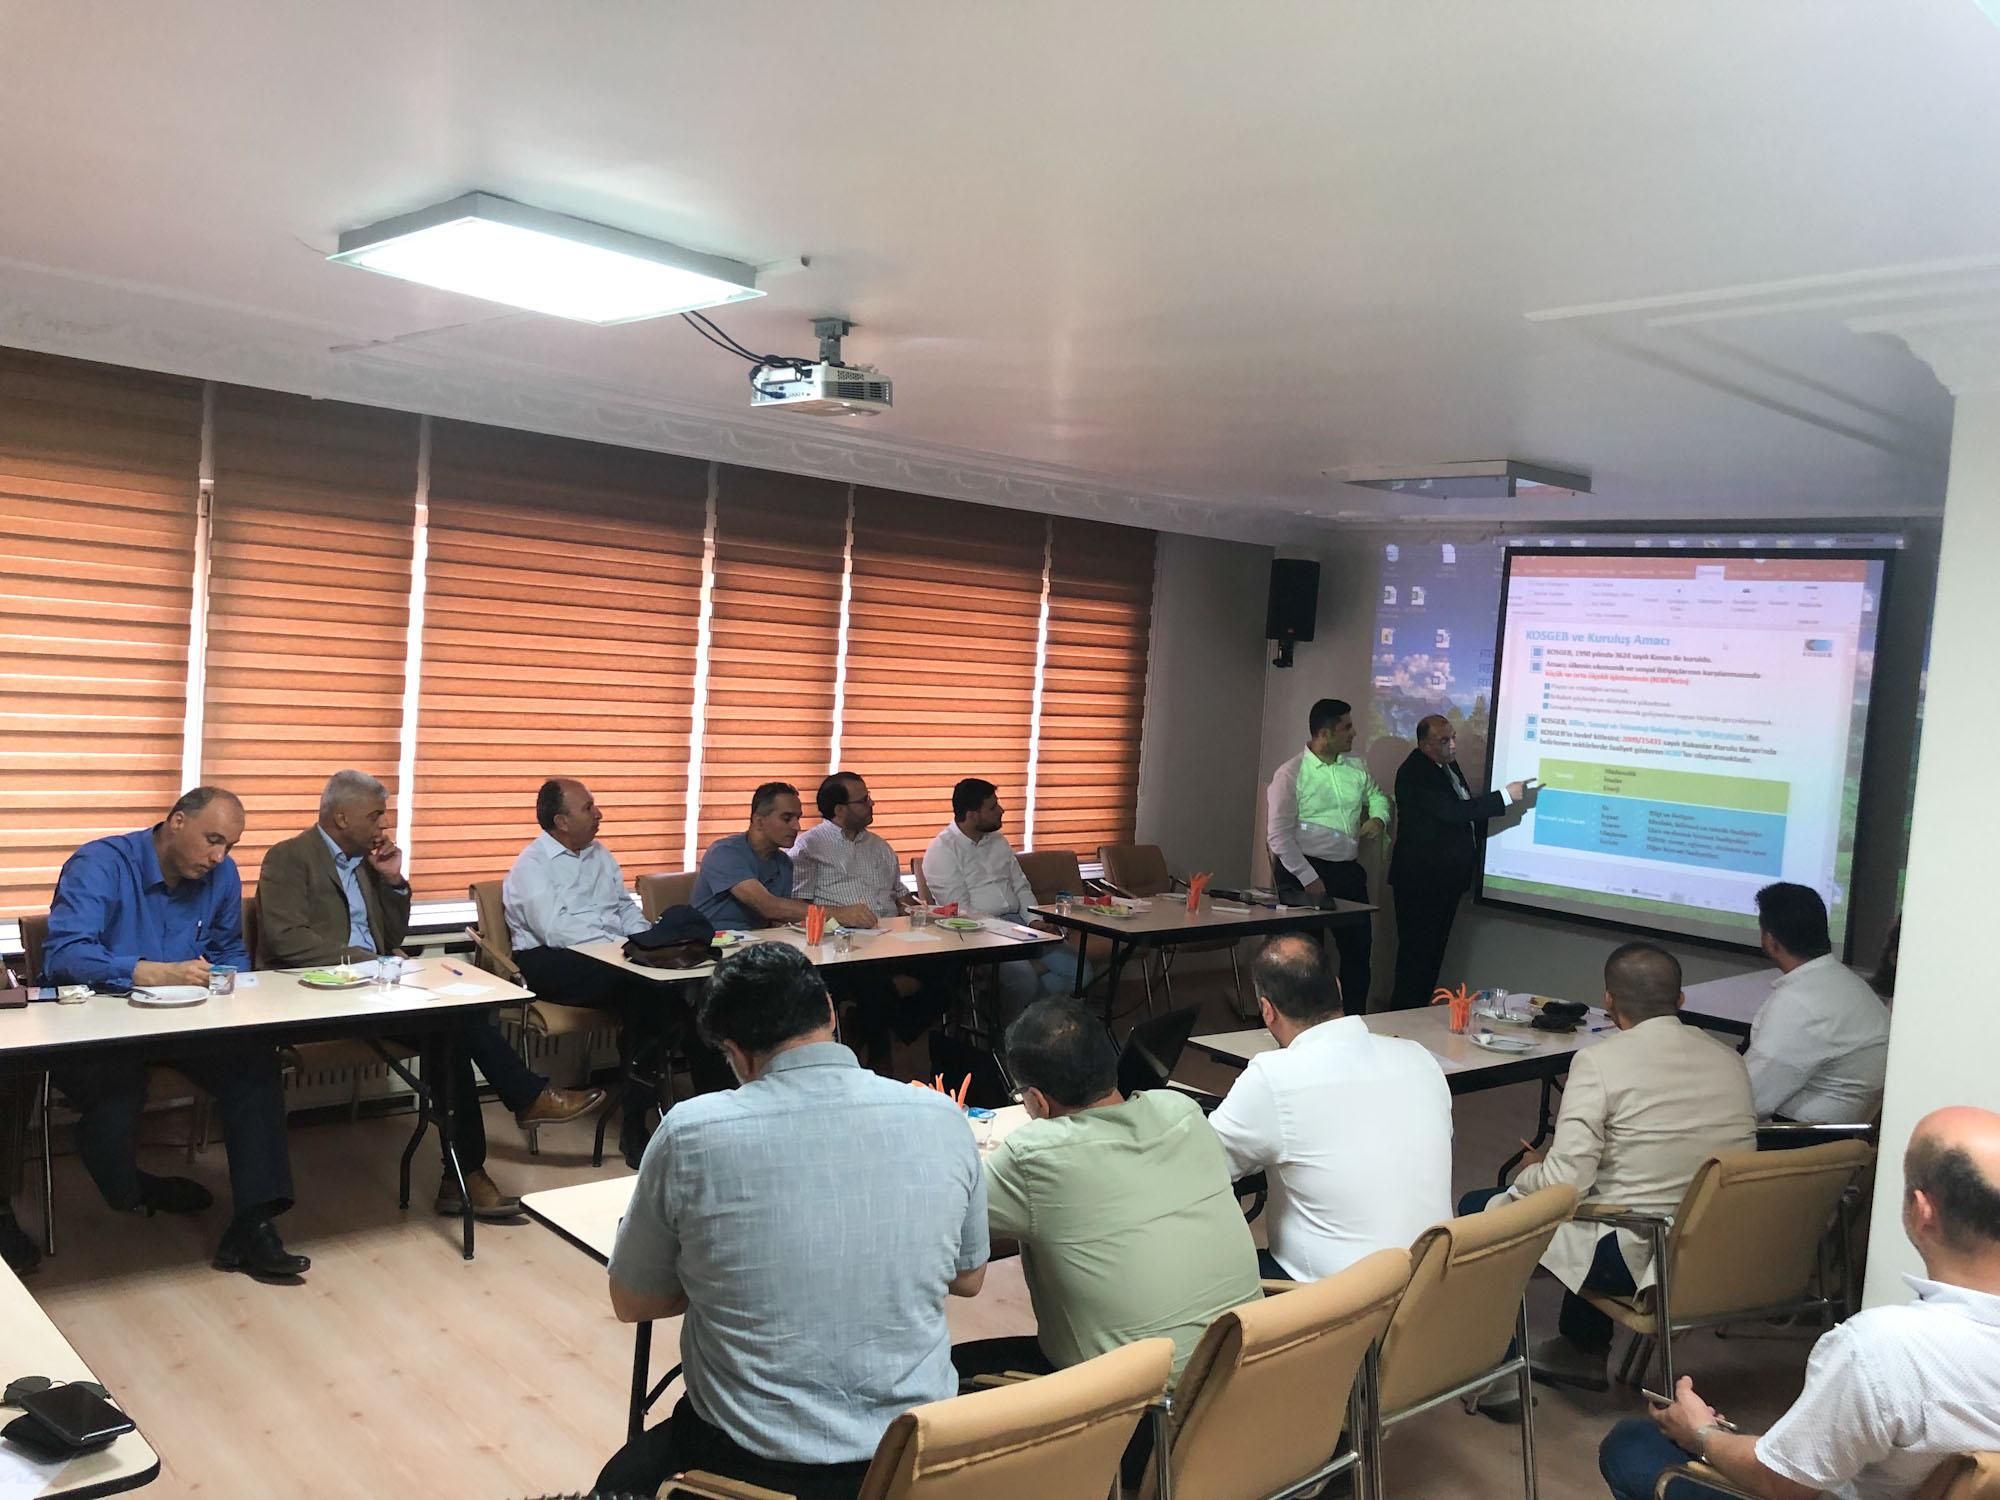 اجتماع أرتياد الشهري تحت عنوان : الخدمات التي تقدمها مؤسسة دعم الشركات الصغيرة والمتوسطة